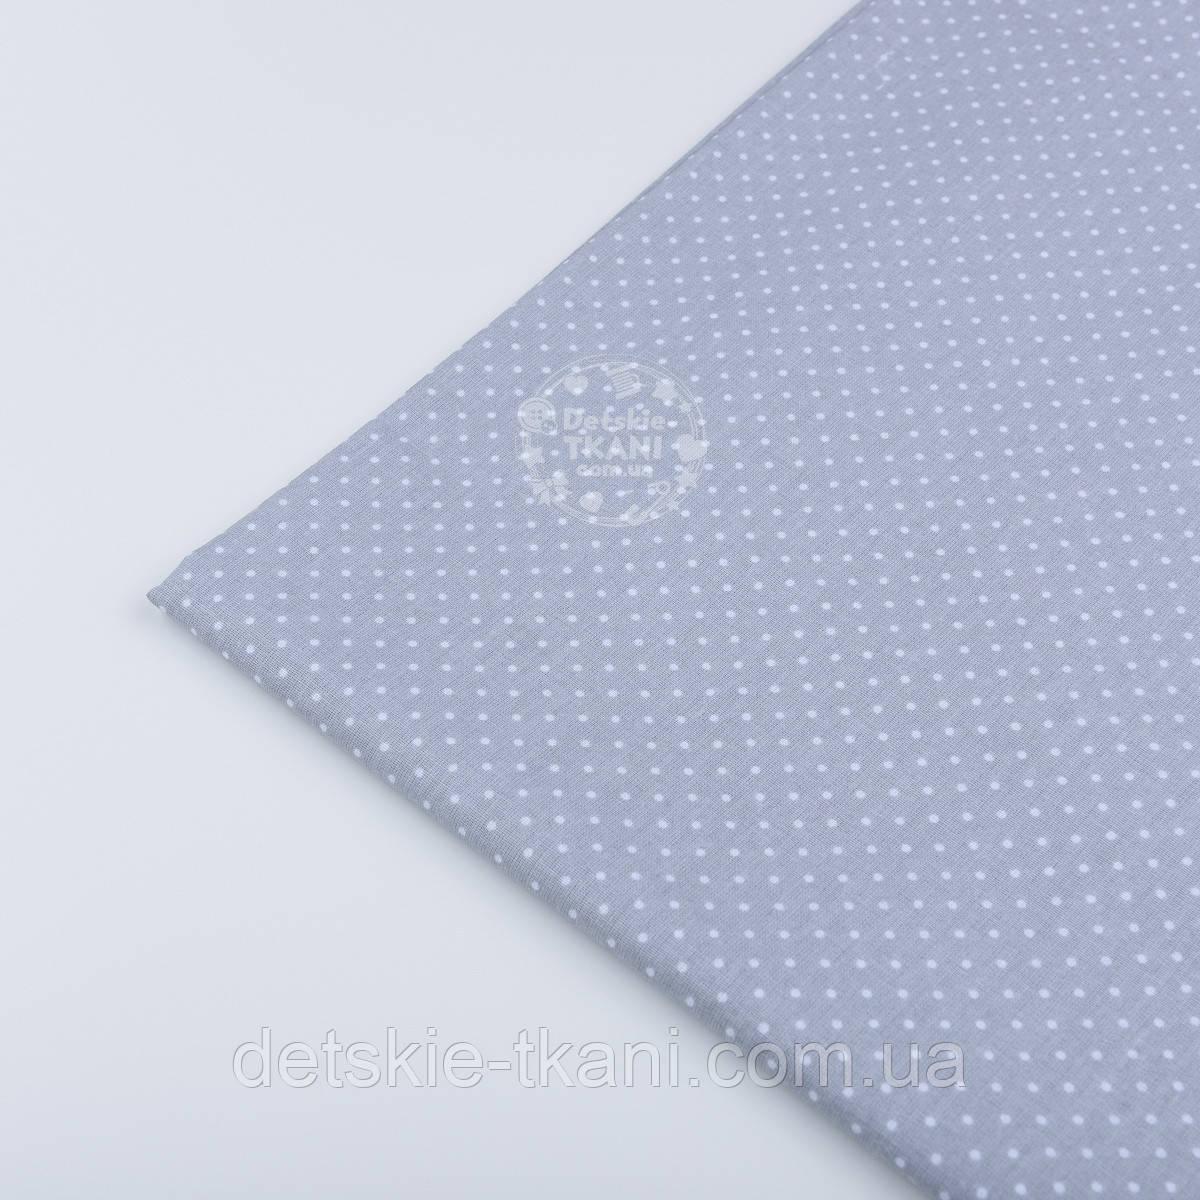 Лоскут ткани №580  с мини-горошком 2 мм на сером фоне